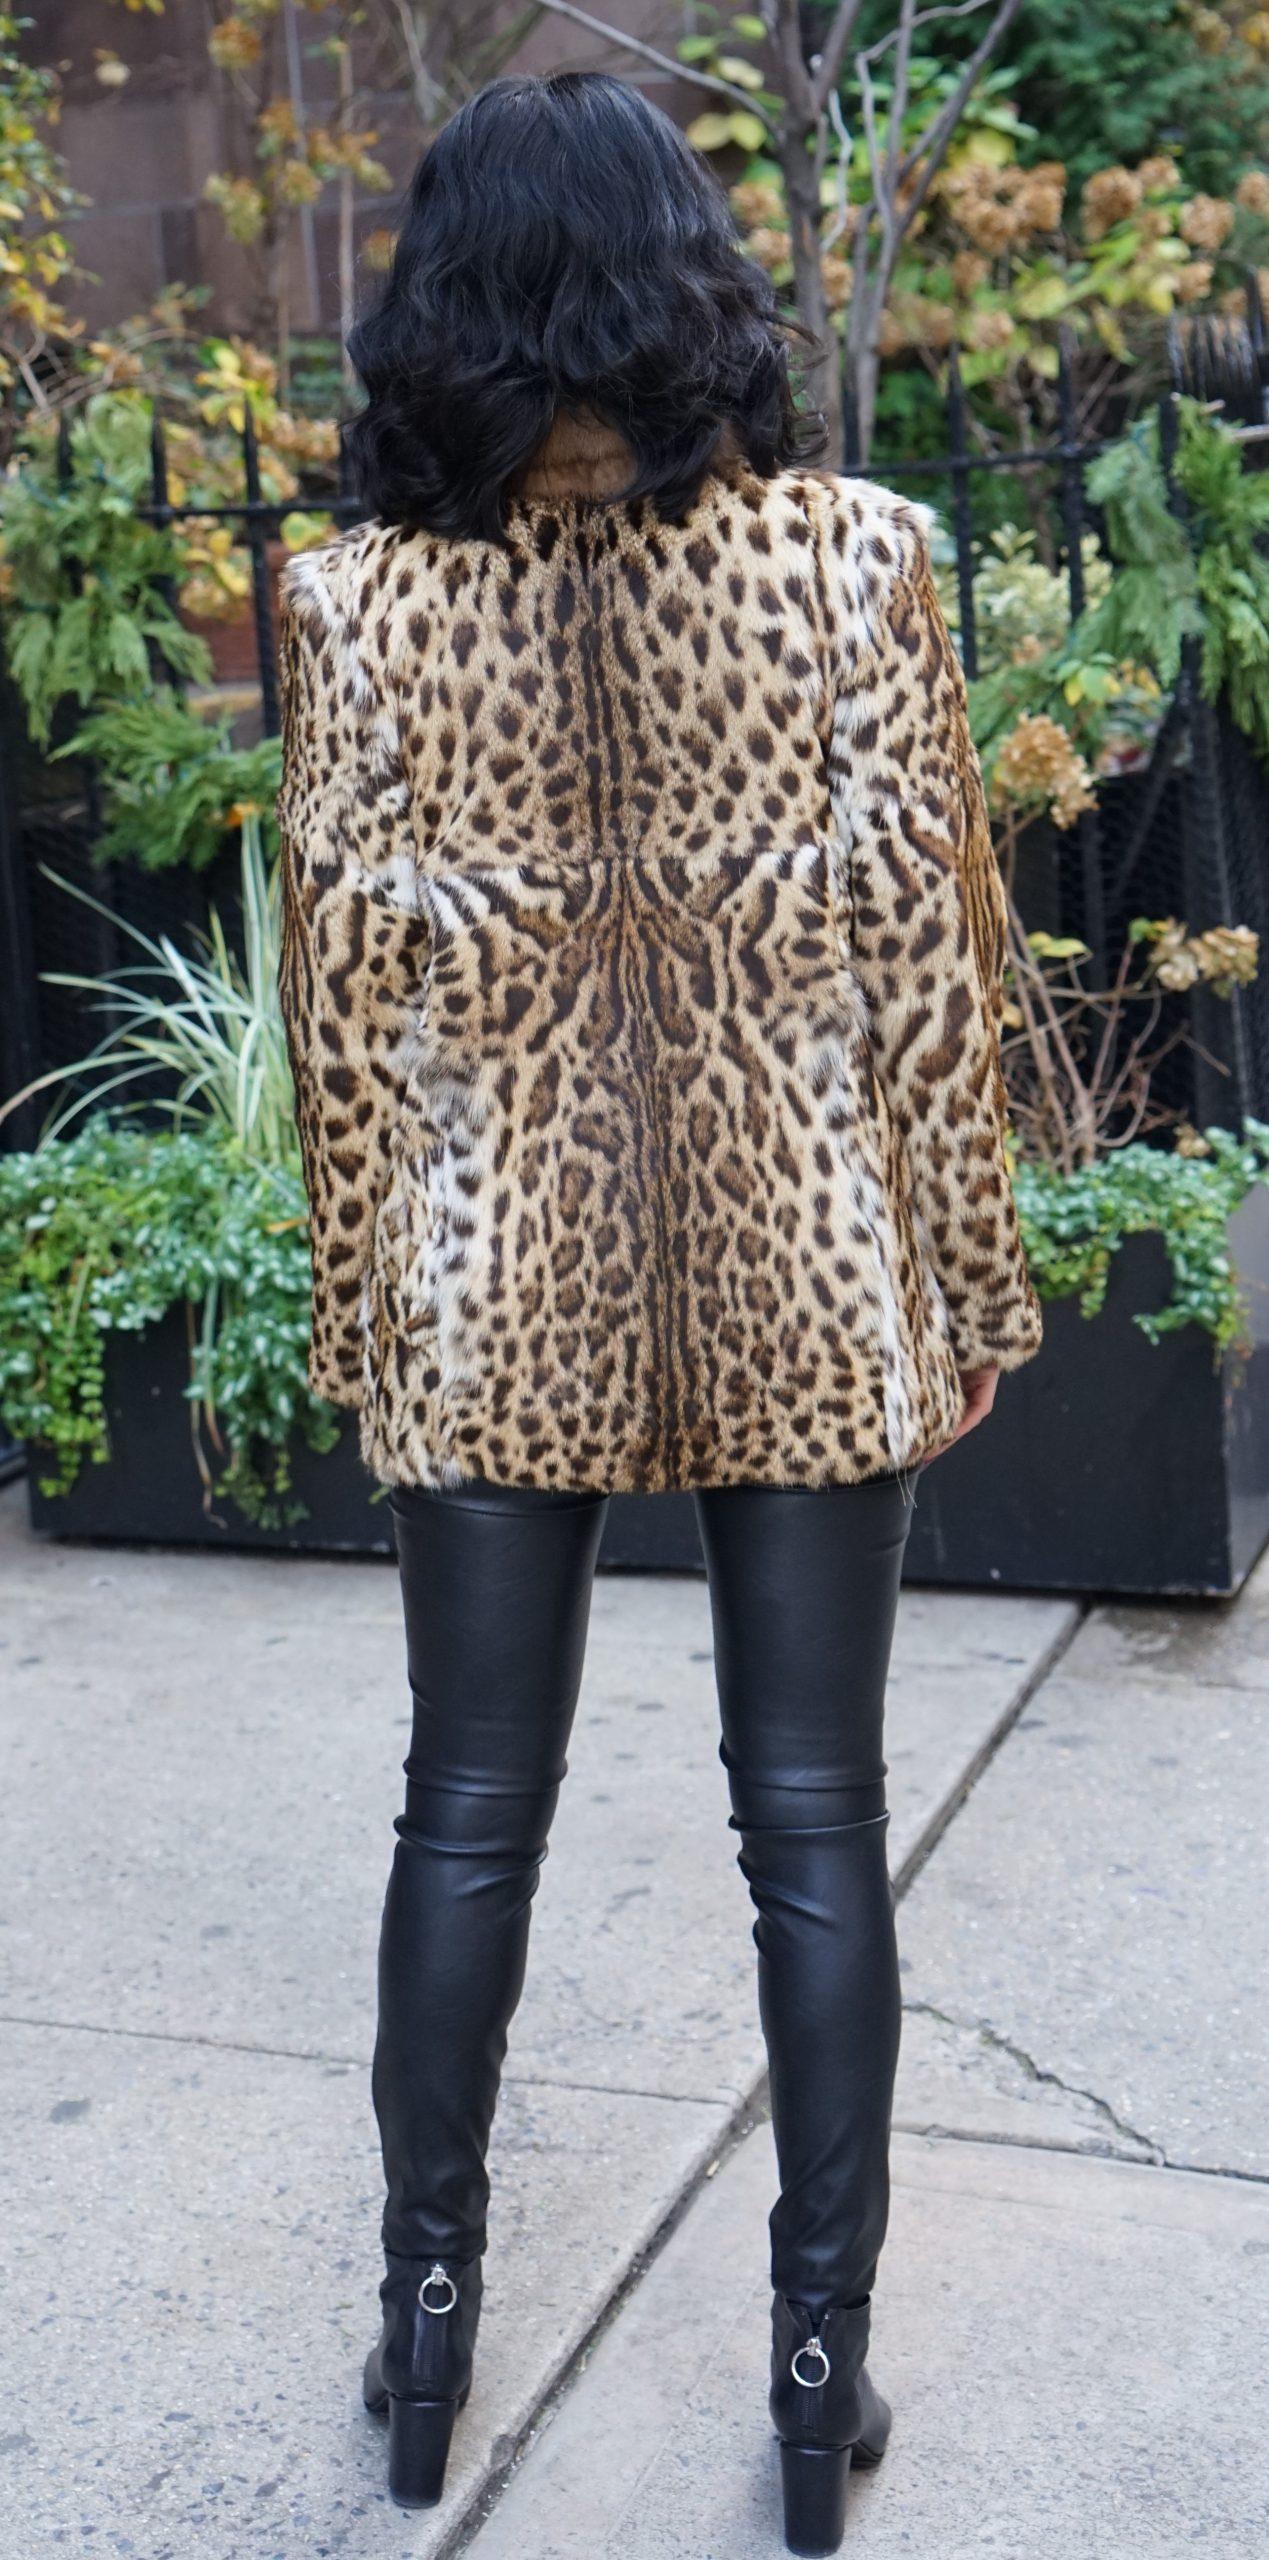 Lippi Cat Jacket